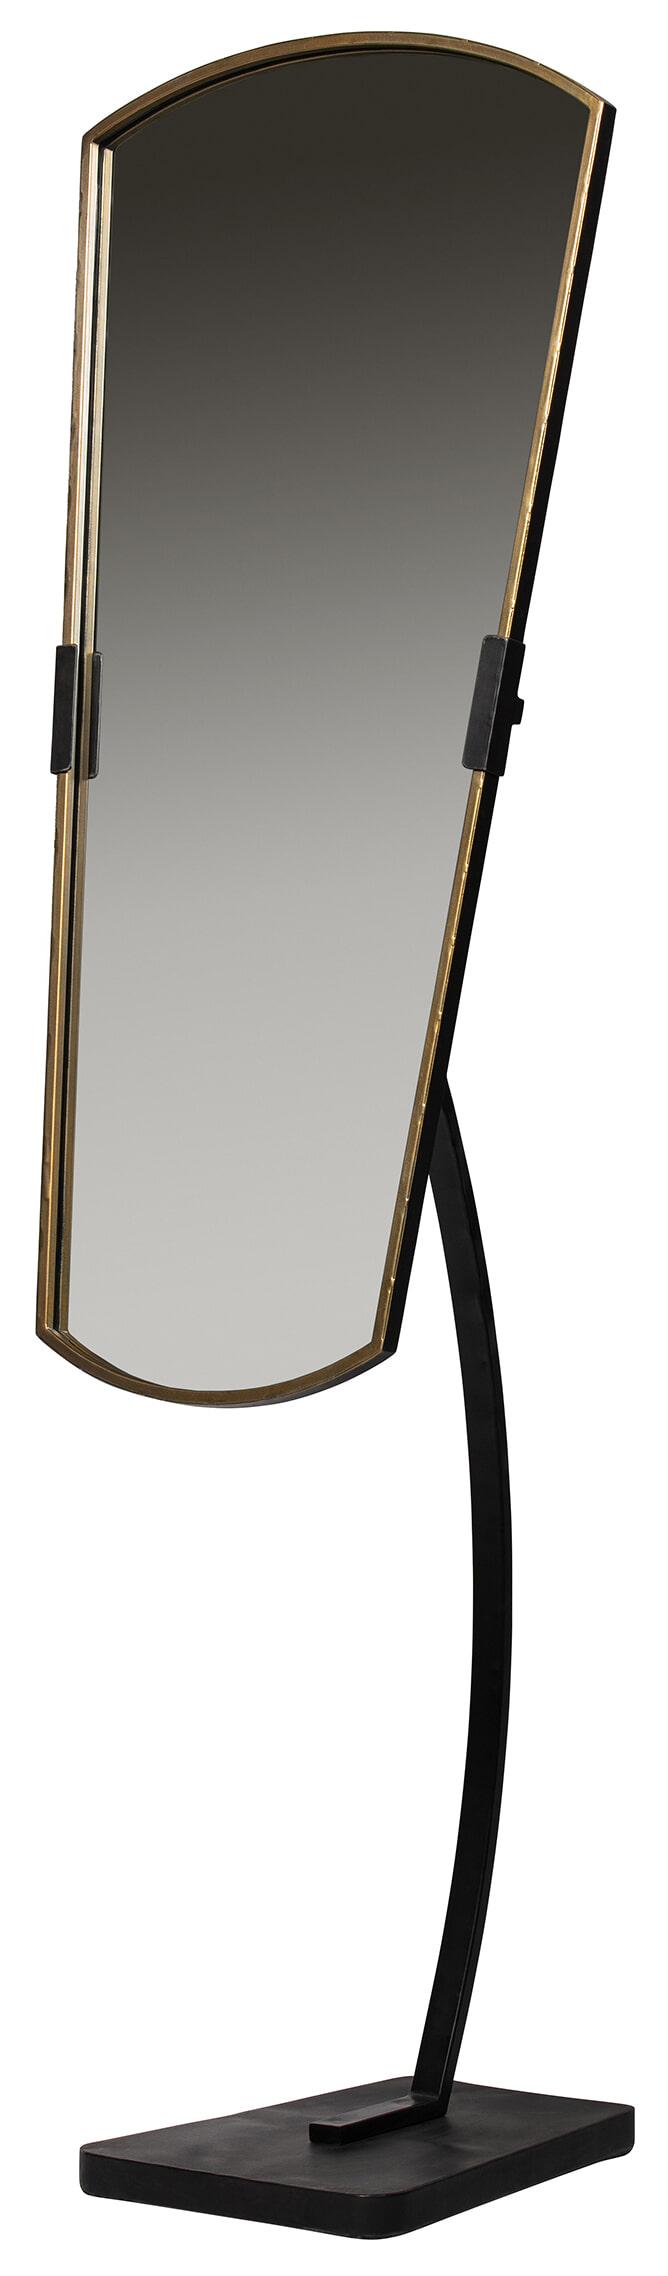 BePureHome Staande Spiegel 'Arrogant' 166 x 48cm